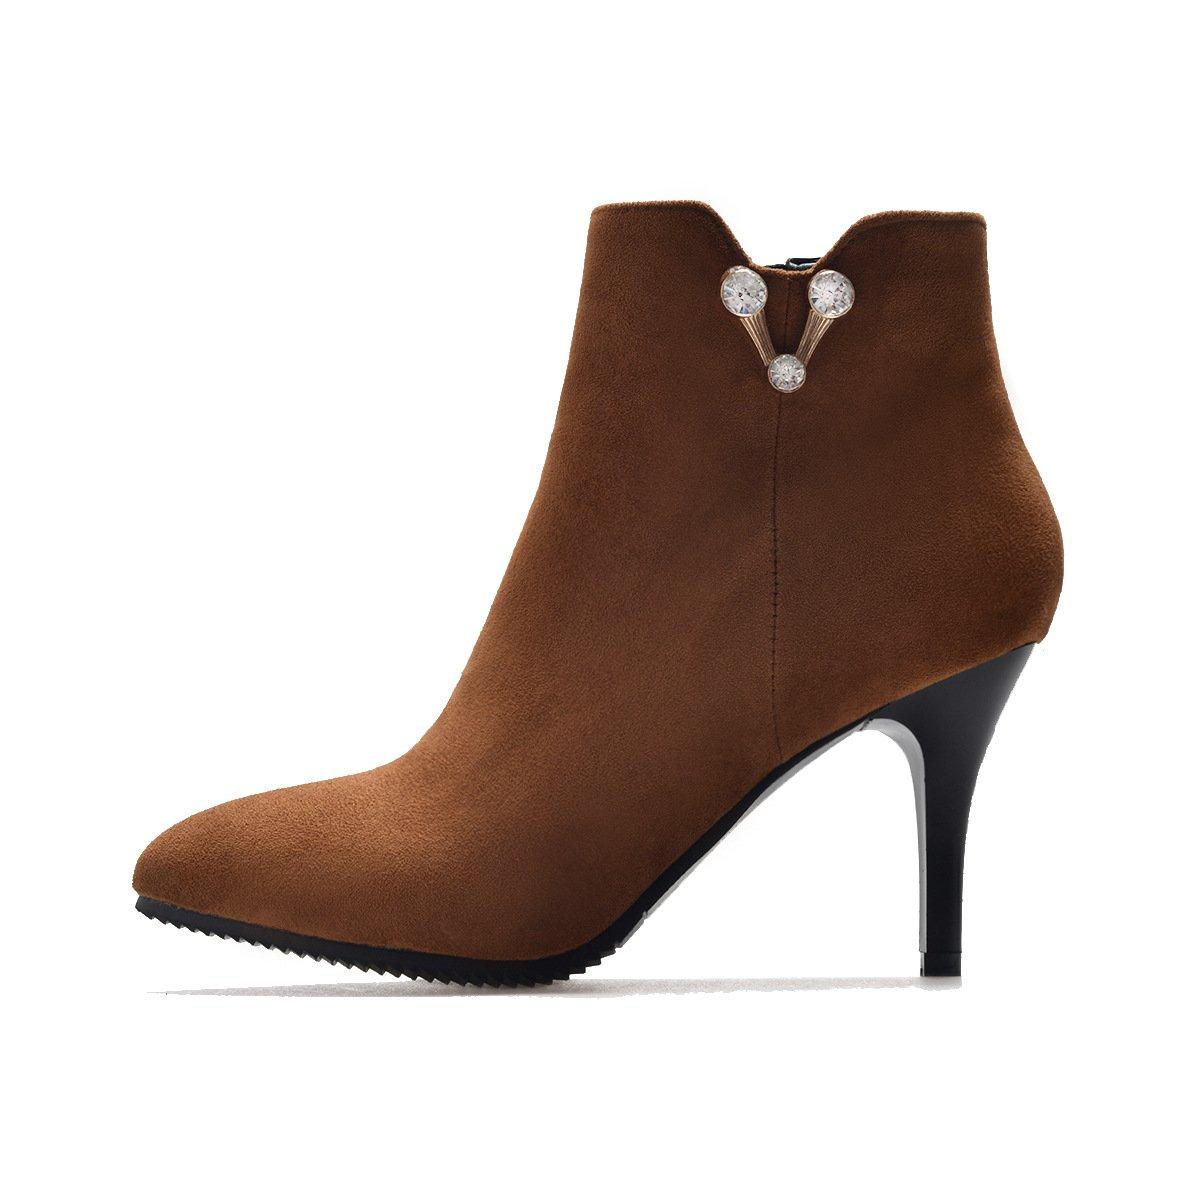 DYF Schuhe Kurze Stiefel Fein Fein Fein High Heel Scharfe Farbe Strass Groß, Gelb, 34 b0abb6